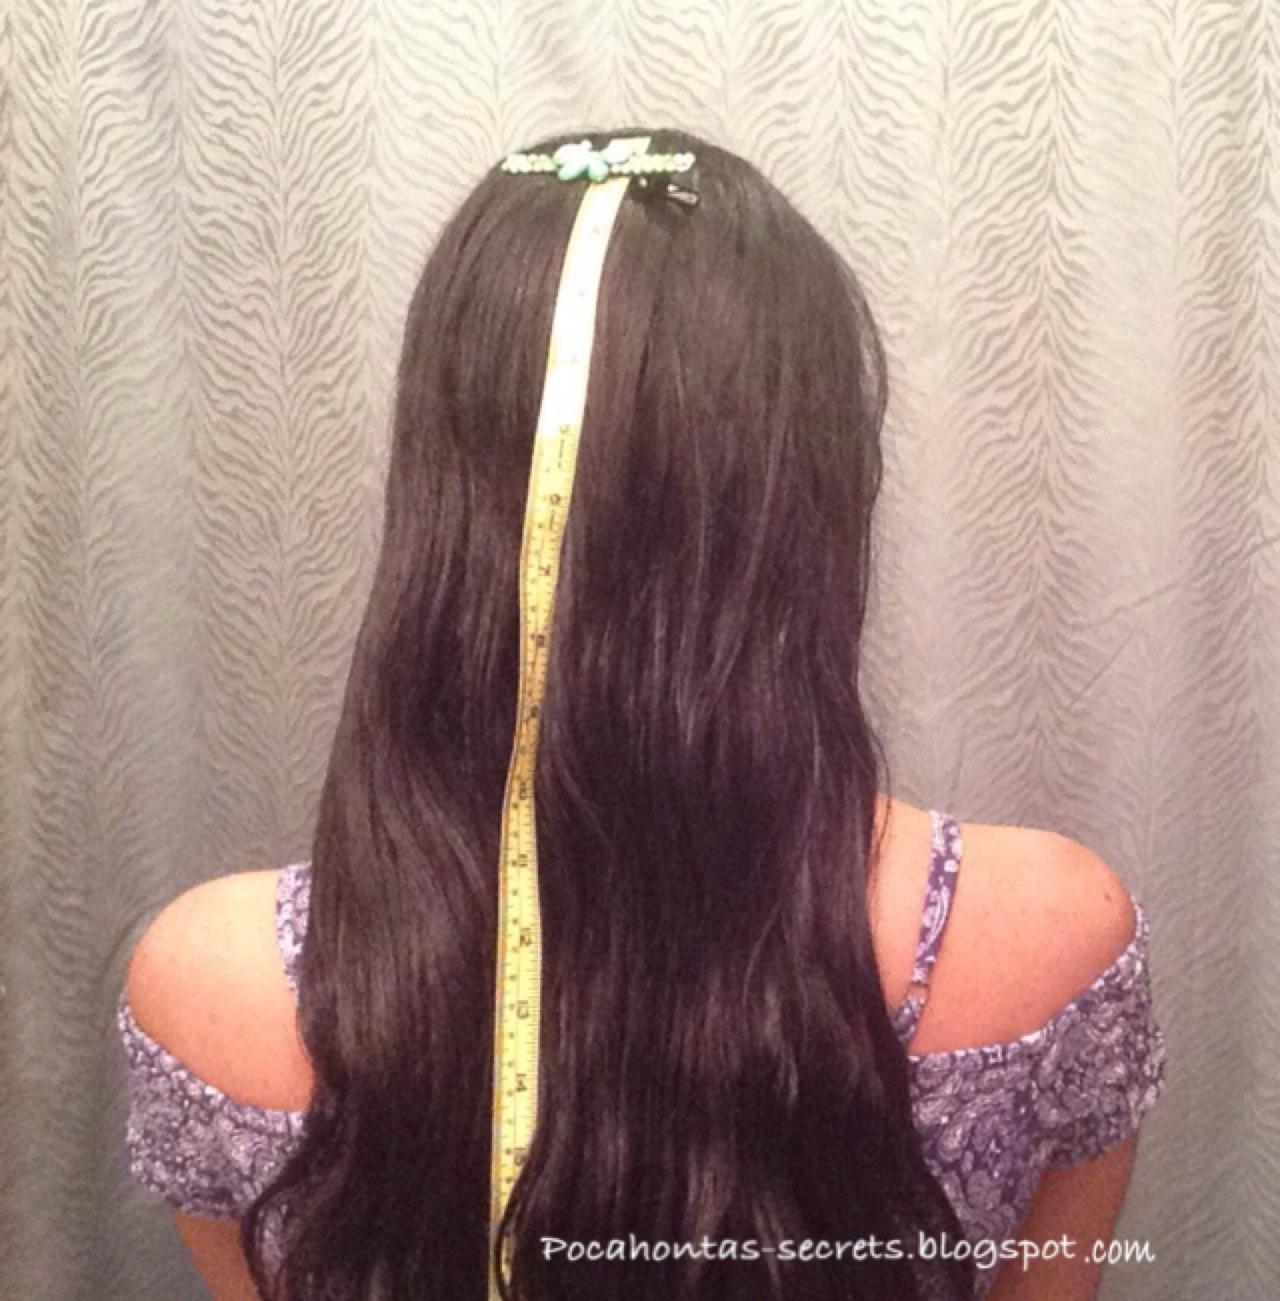 Pocahontas Hair Secrets Length Check June 2015